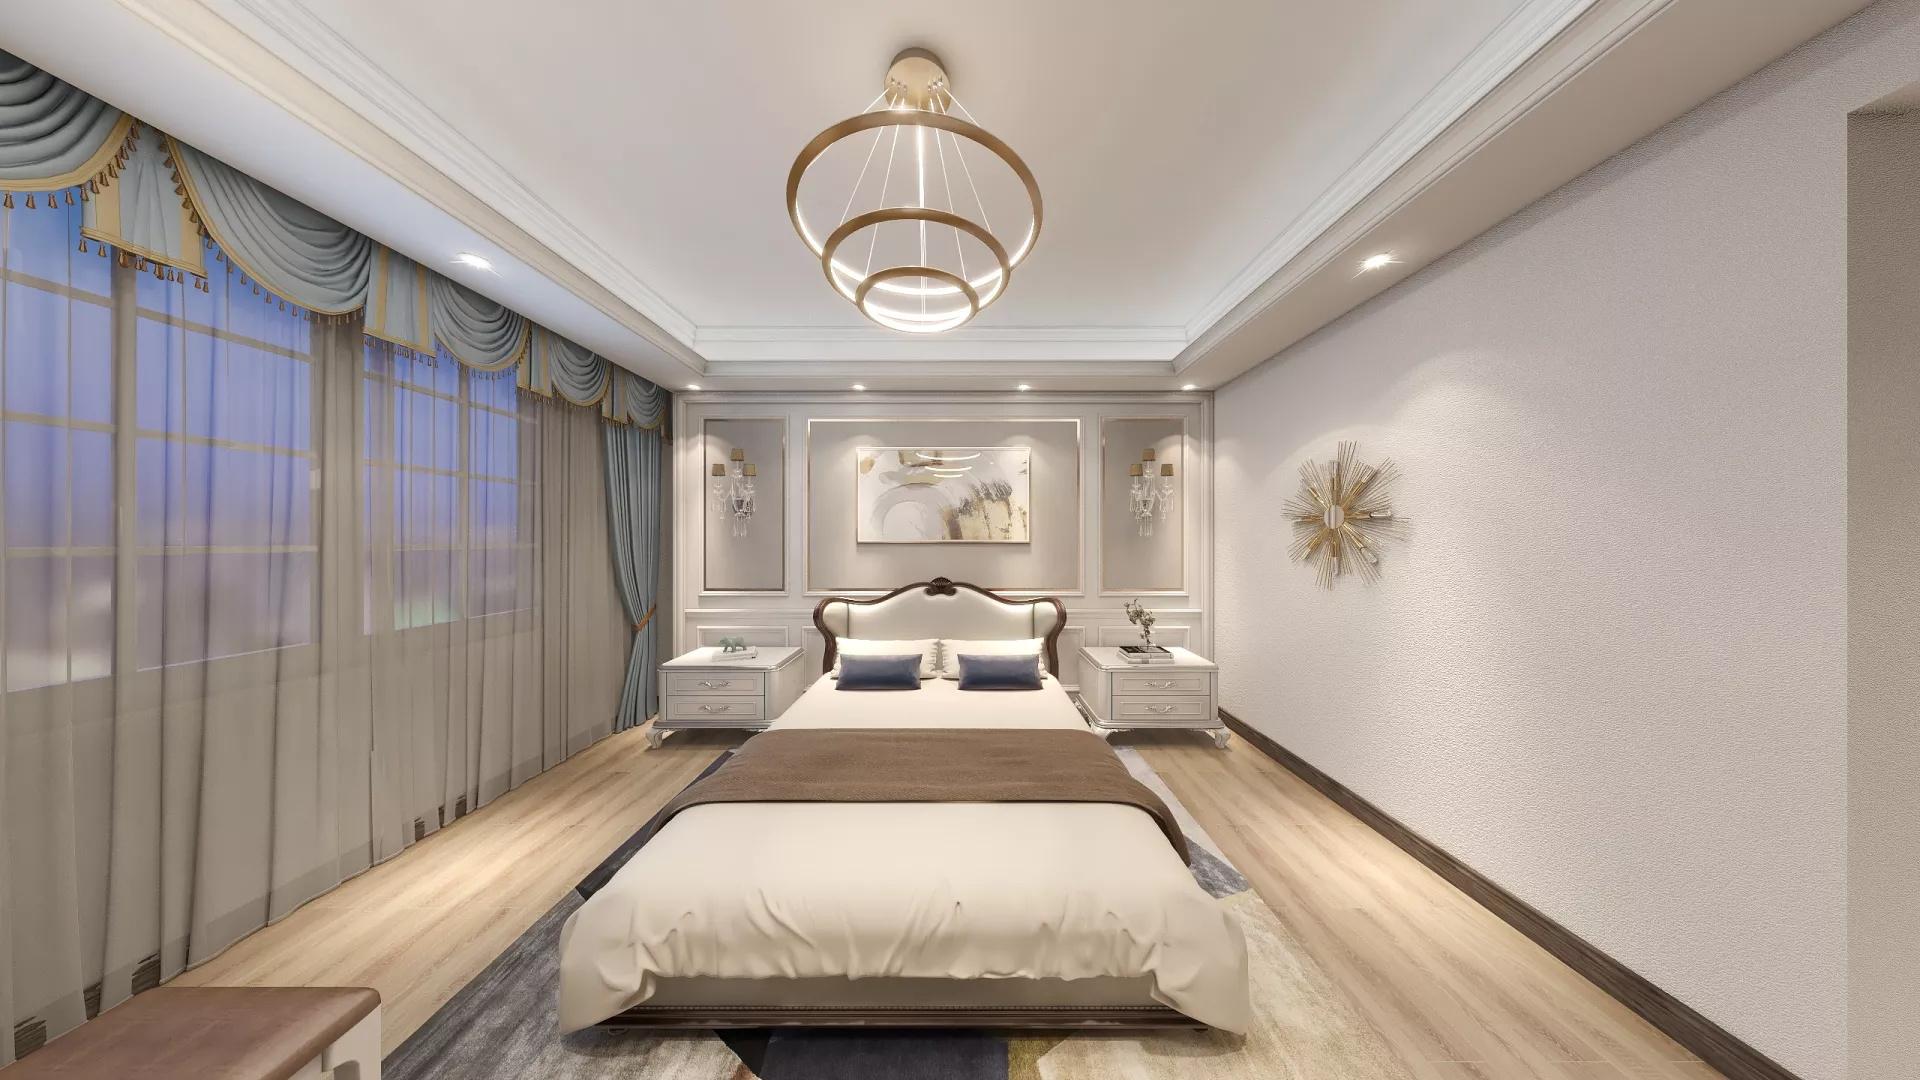 餐厅,三居室装修,中式风格,灯具,餐桌,简洁